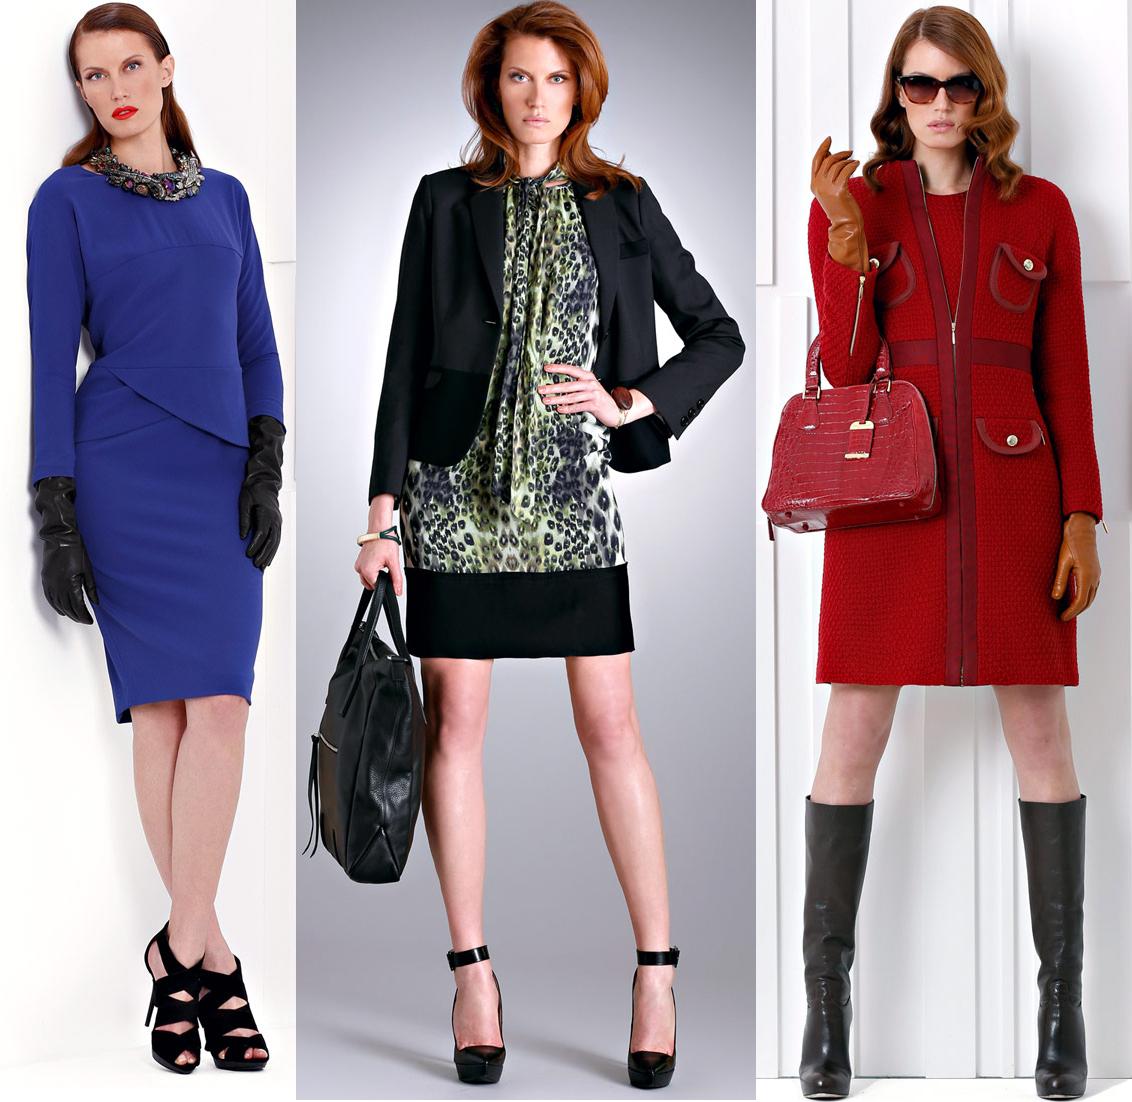 No solo moda online…TenEstilo.com